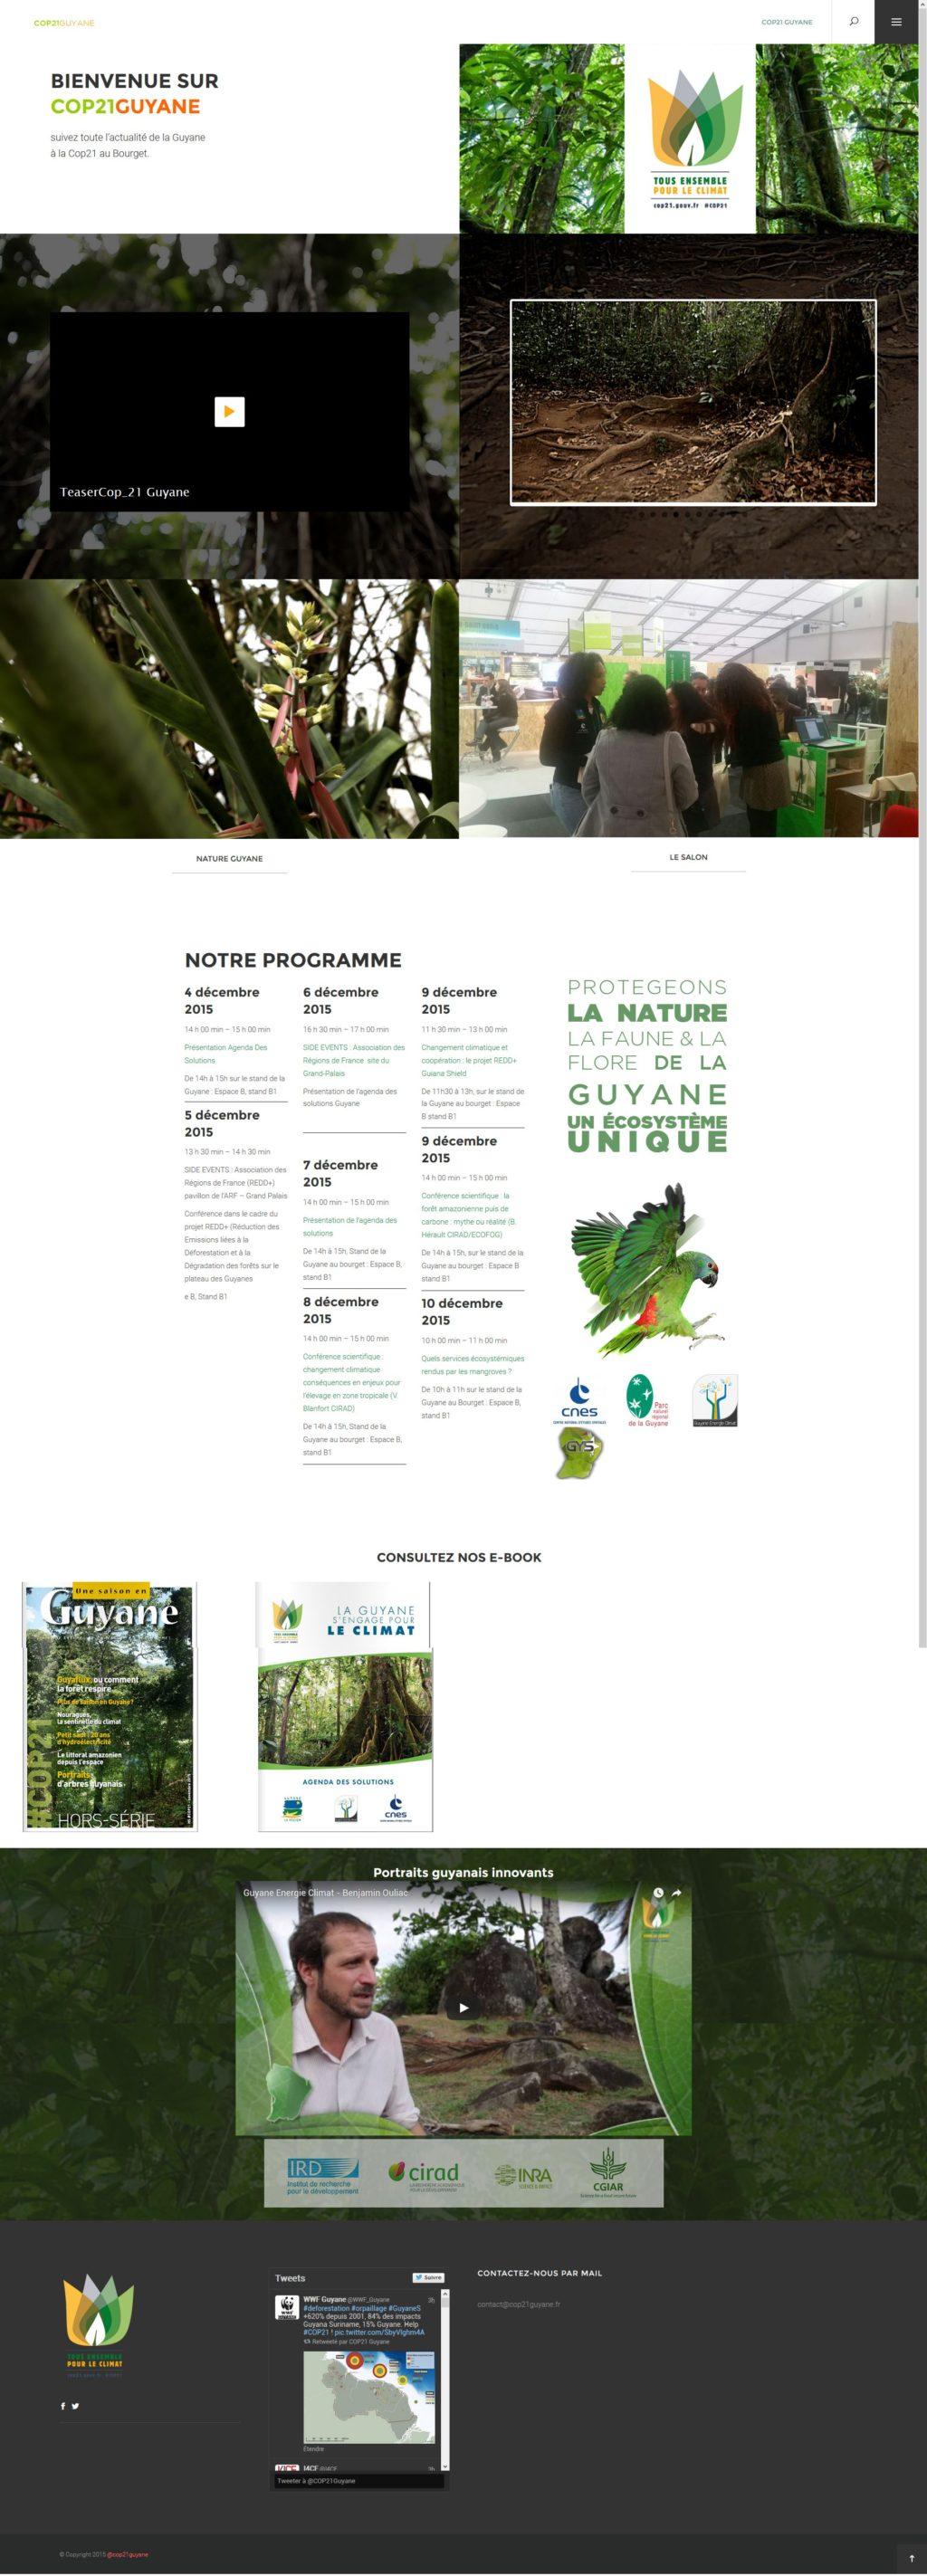 LXN-Laurent-notte-COP21Guyane I Toute l'actualité de la Guyane à la Cop 21′ – cop21guyane_fr